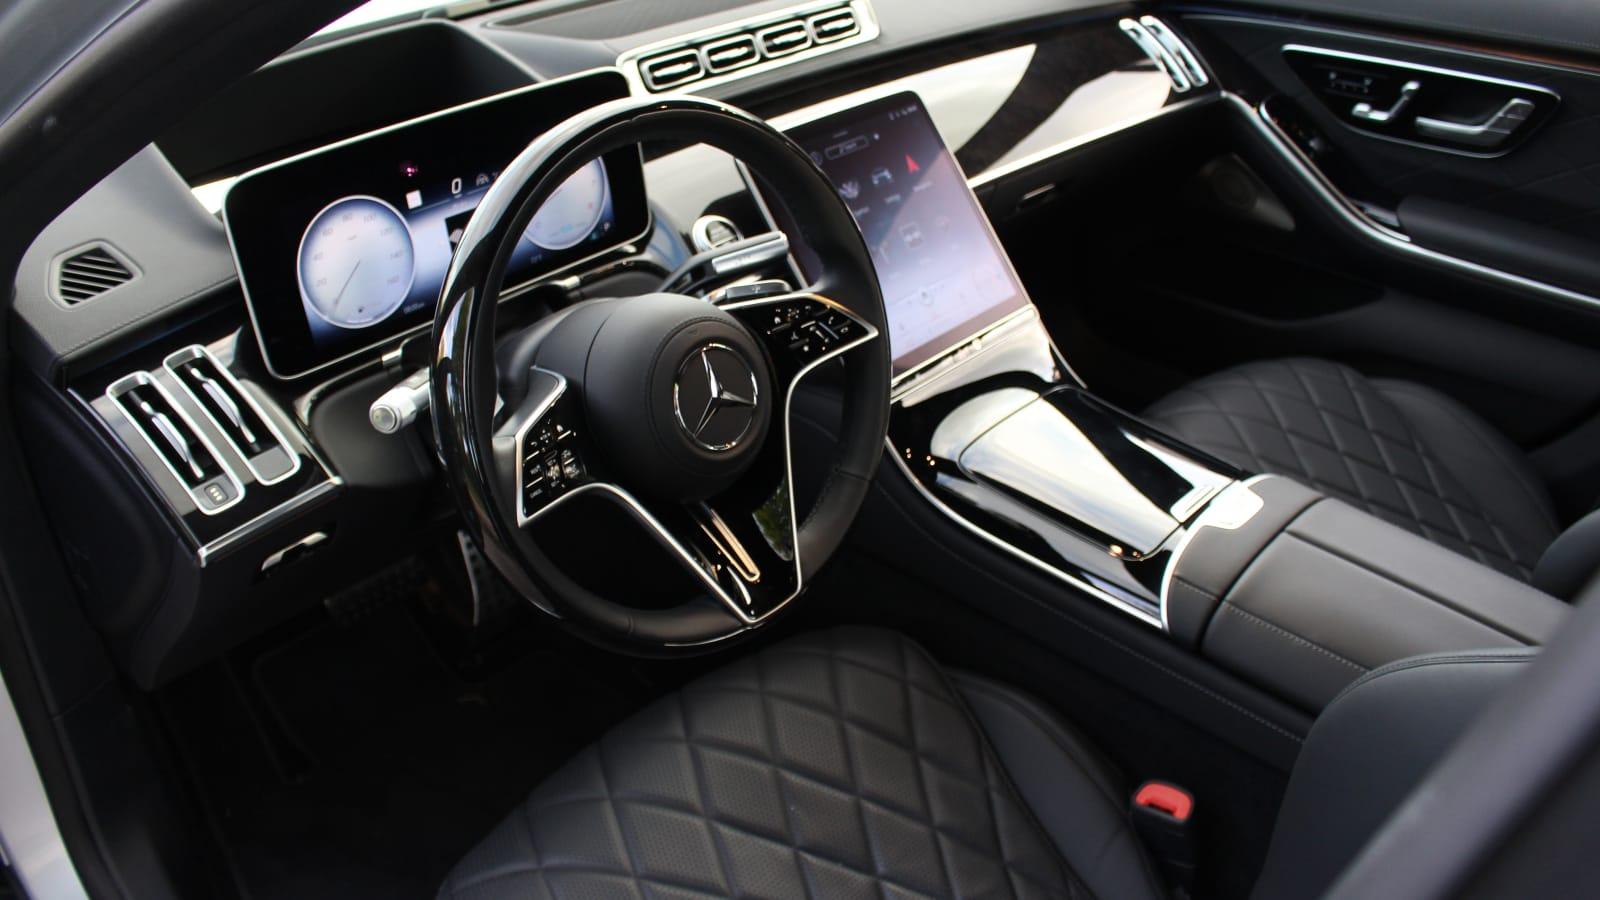 2021 Mercedes-Benz S-Klasse Innenraum Übersicht